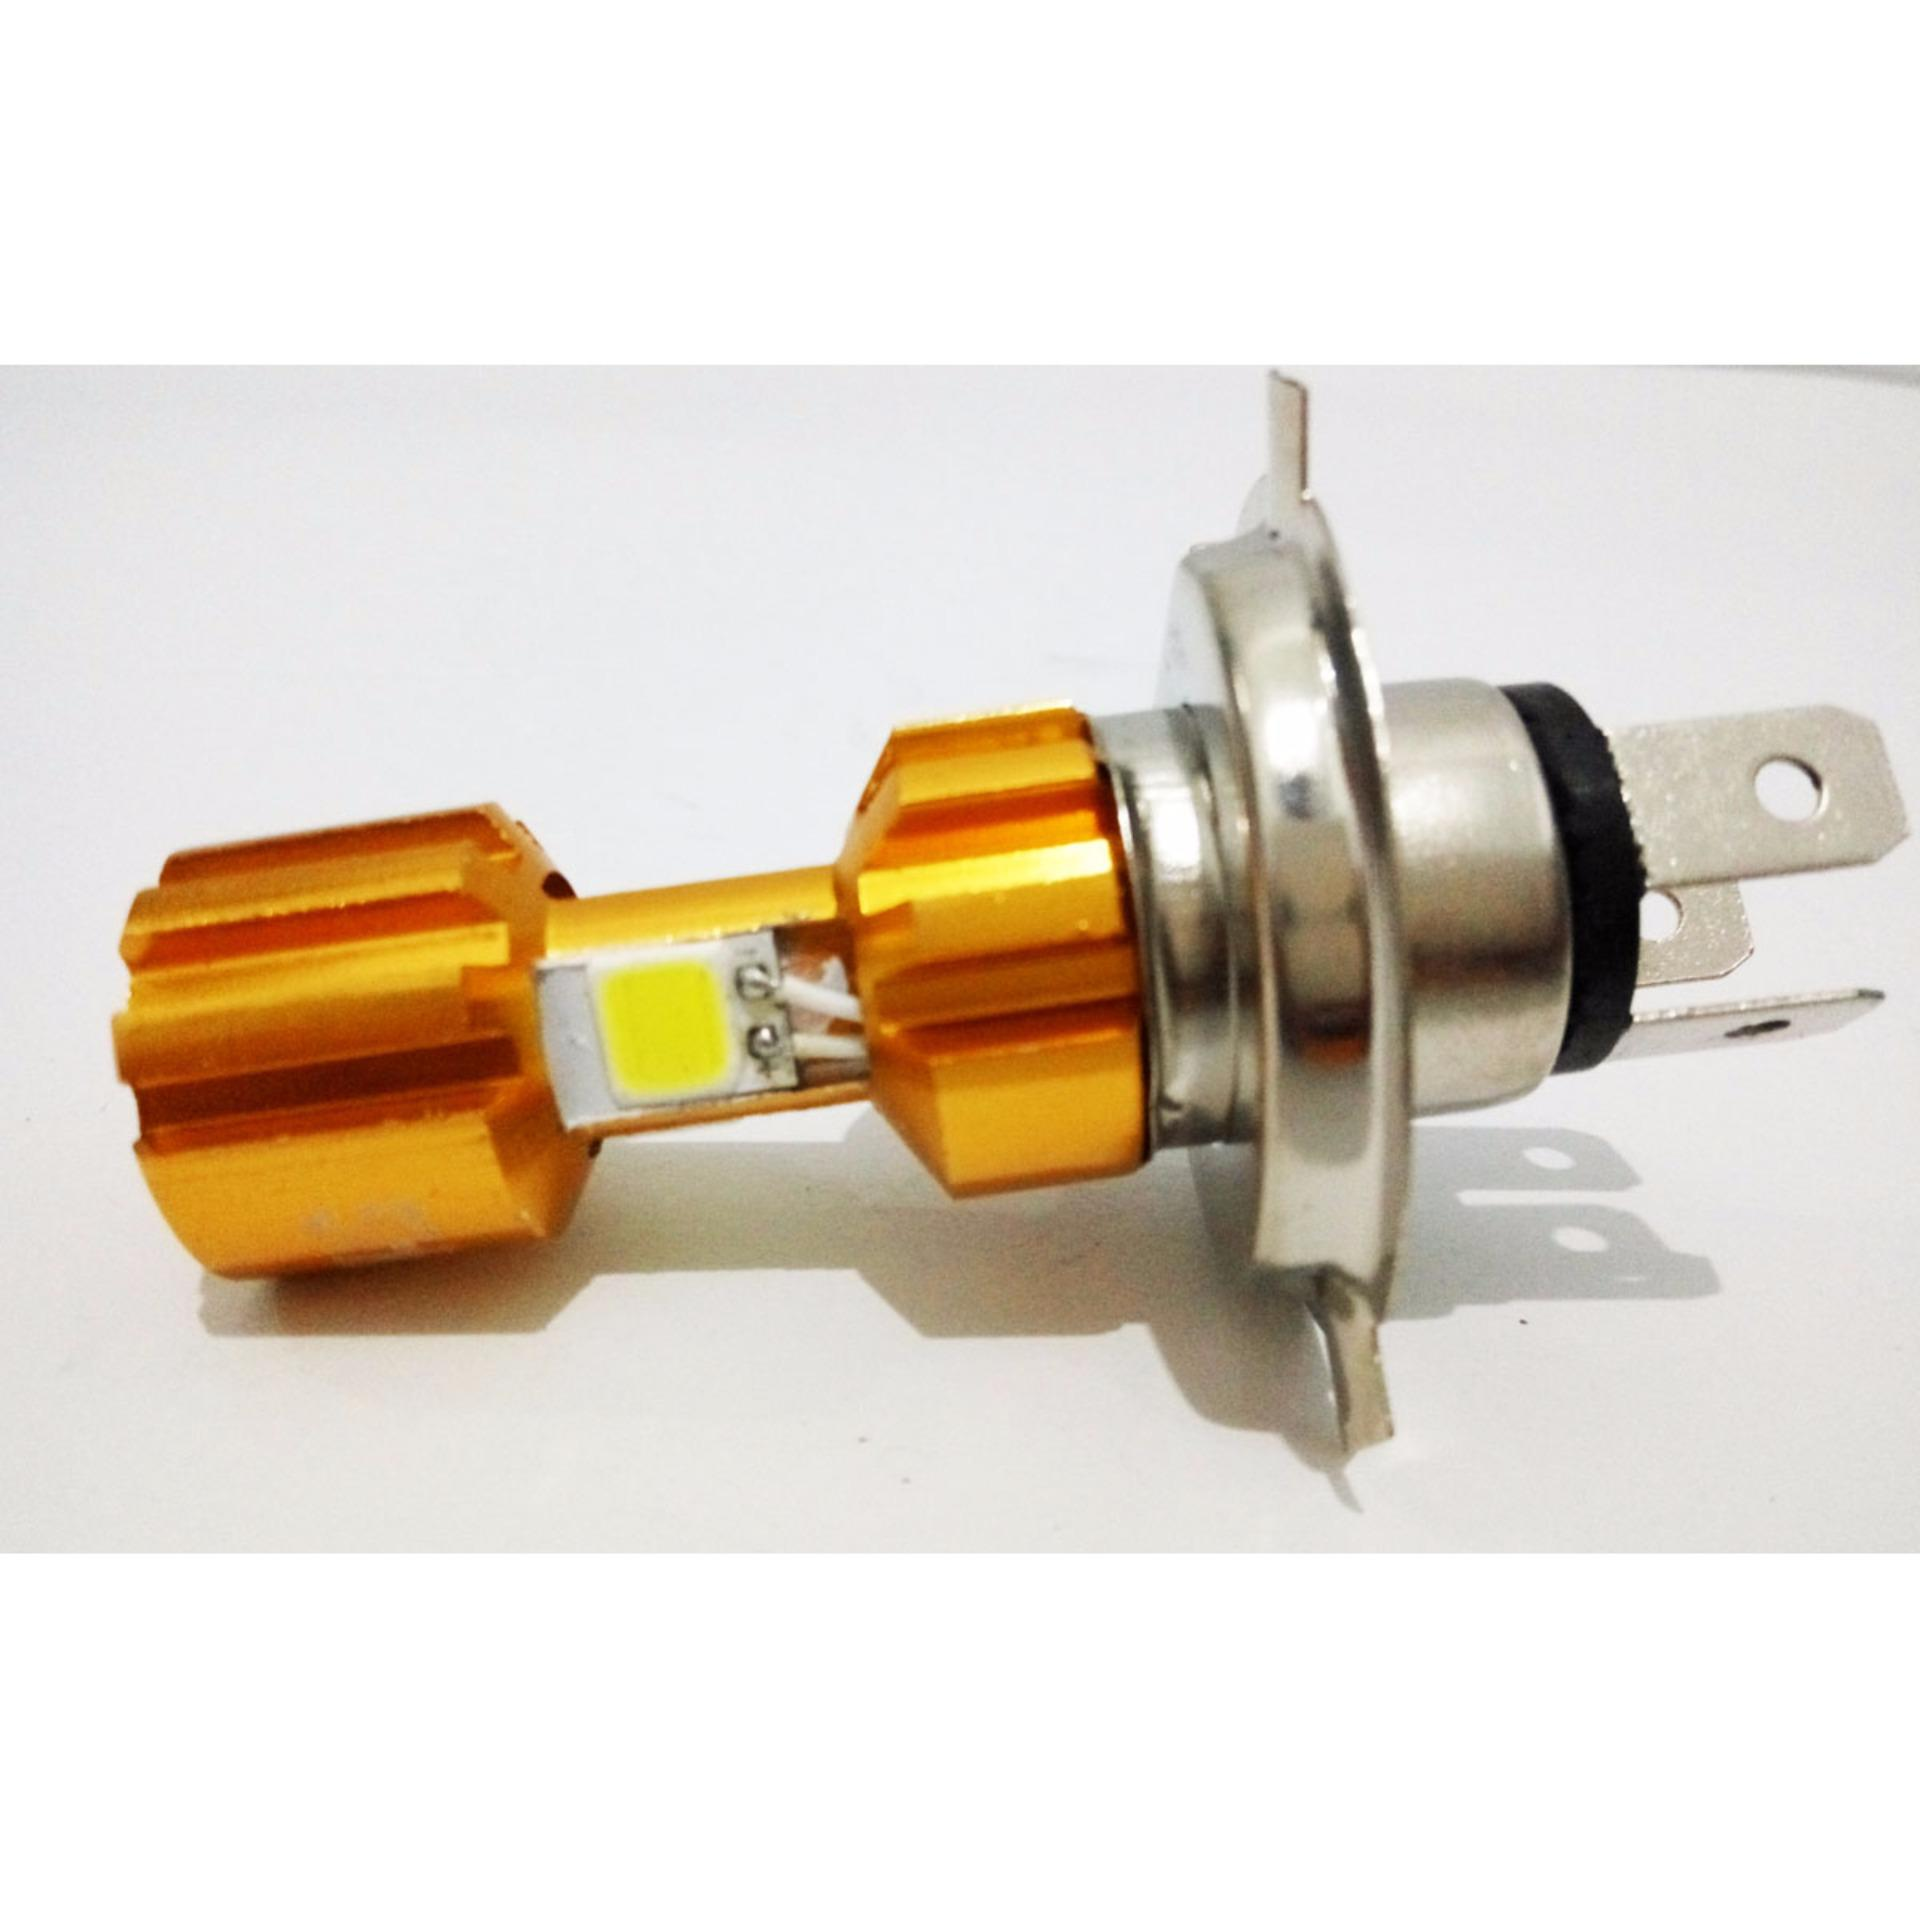 Rtd Lampu Motor Mobil Led 3 Sisi 30w H4 Hs1 H6 Acdc 6000k Cek 40 Watt Emiter Dc Hi Lo Cahaya Putih